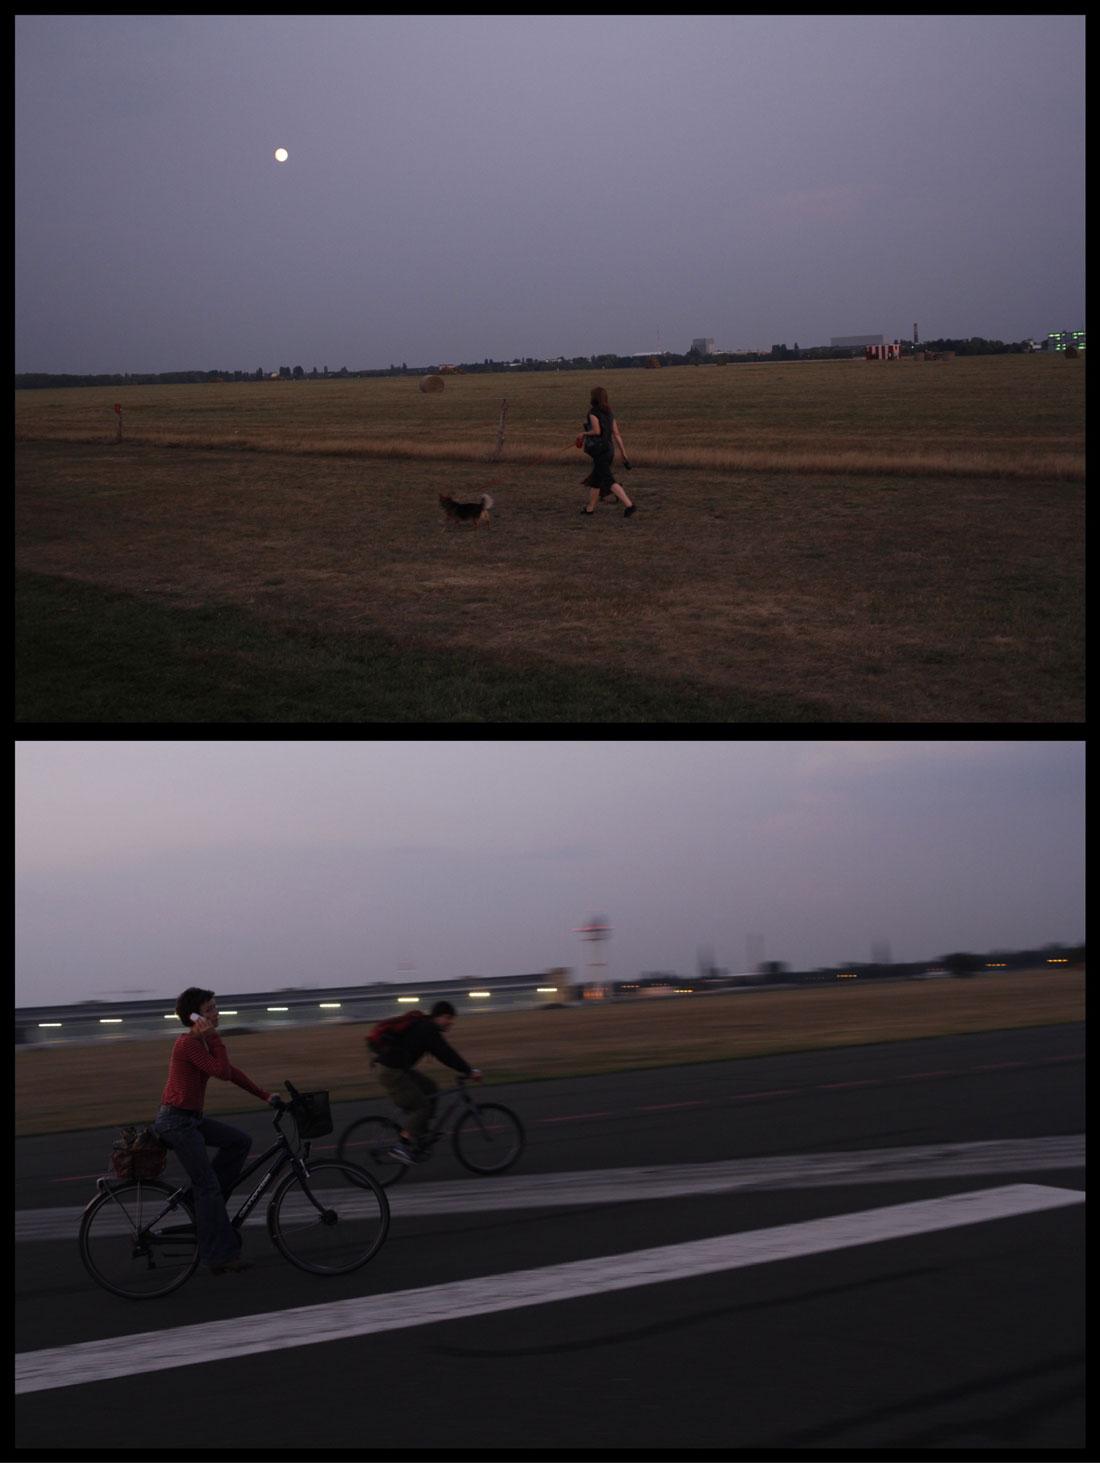 Tempelhofer Park, ancien aéroport, aux environs du crépuscule, Berlin 2014, Ph. Moctar KANE.